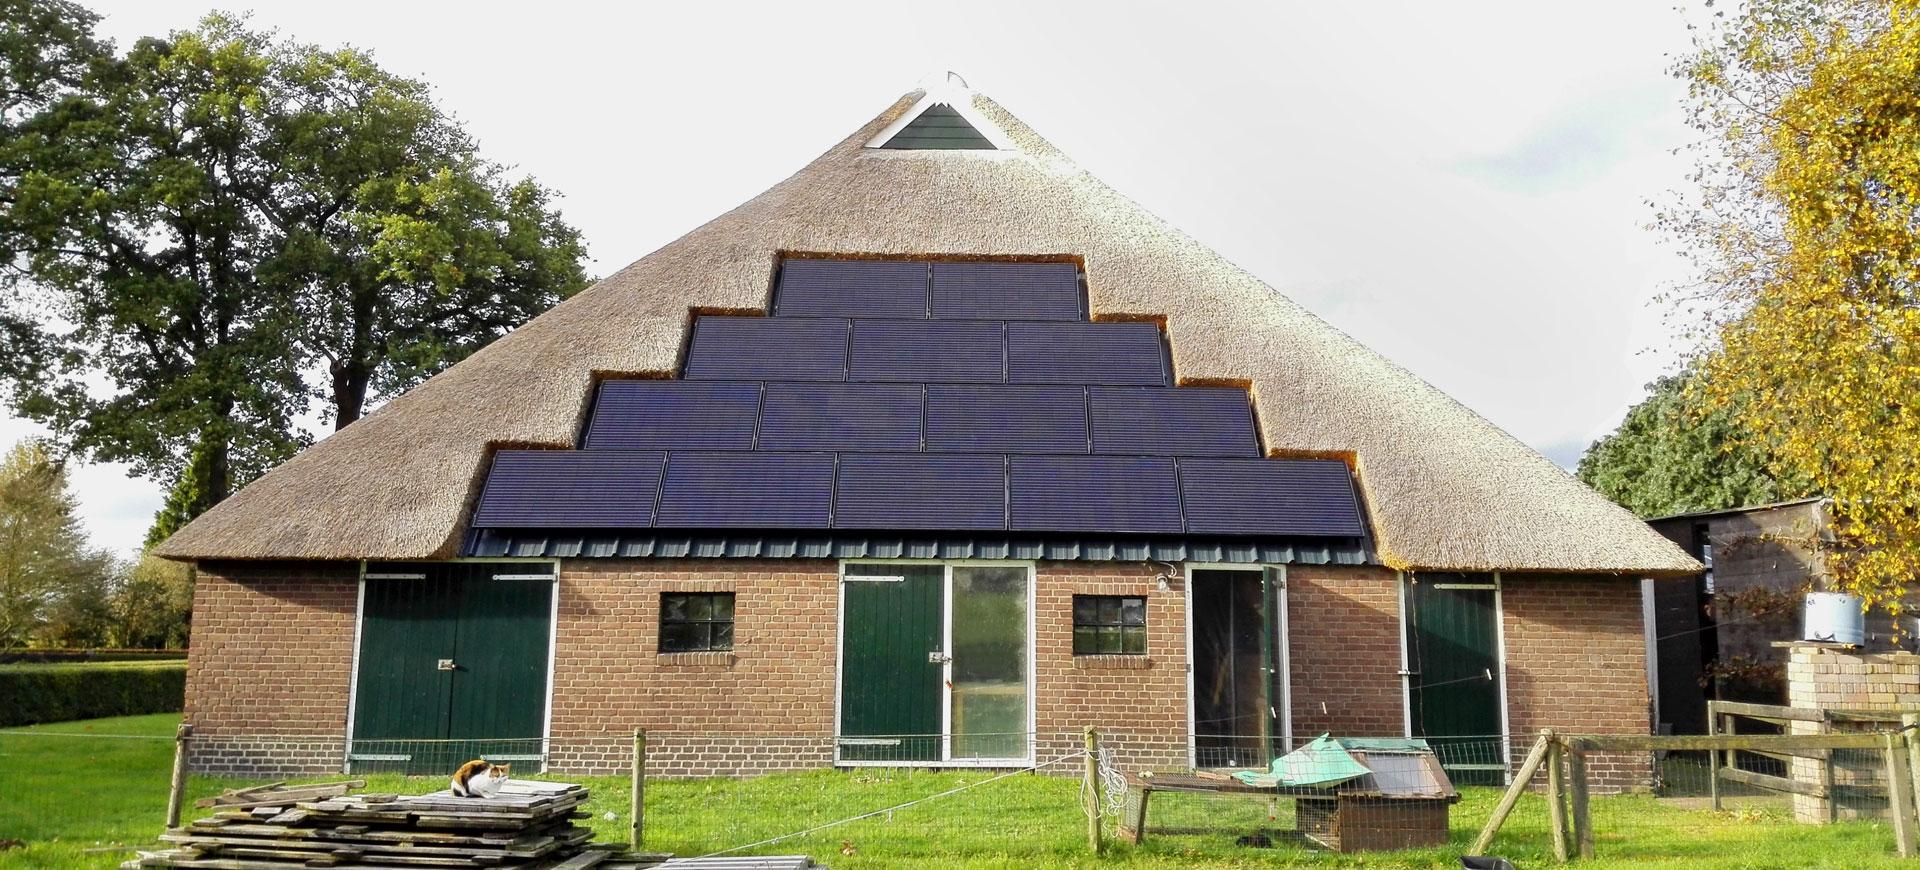 Thema Avond Zonnepanelen En Zonneboilers 25 April 2018